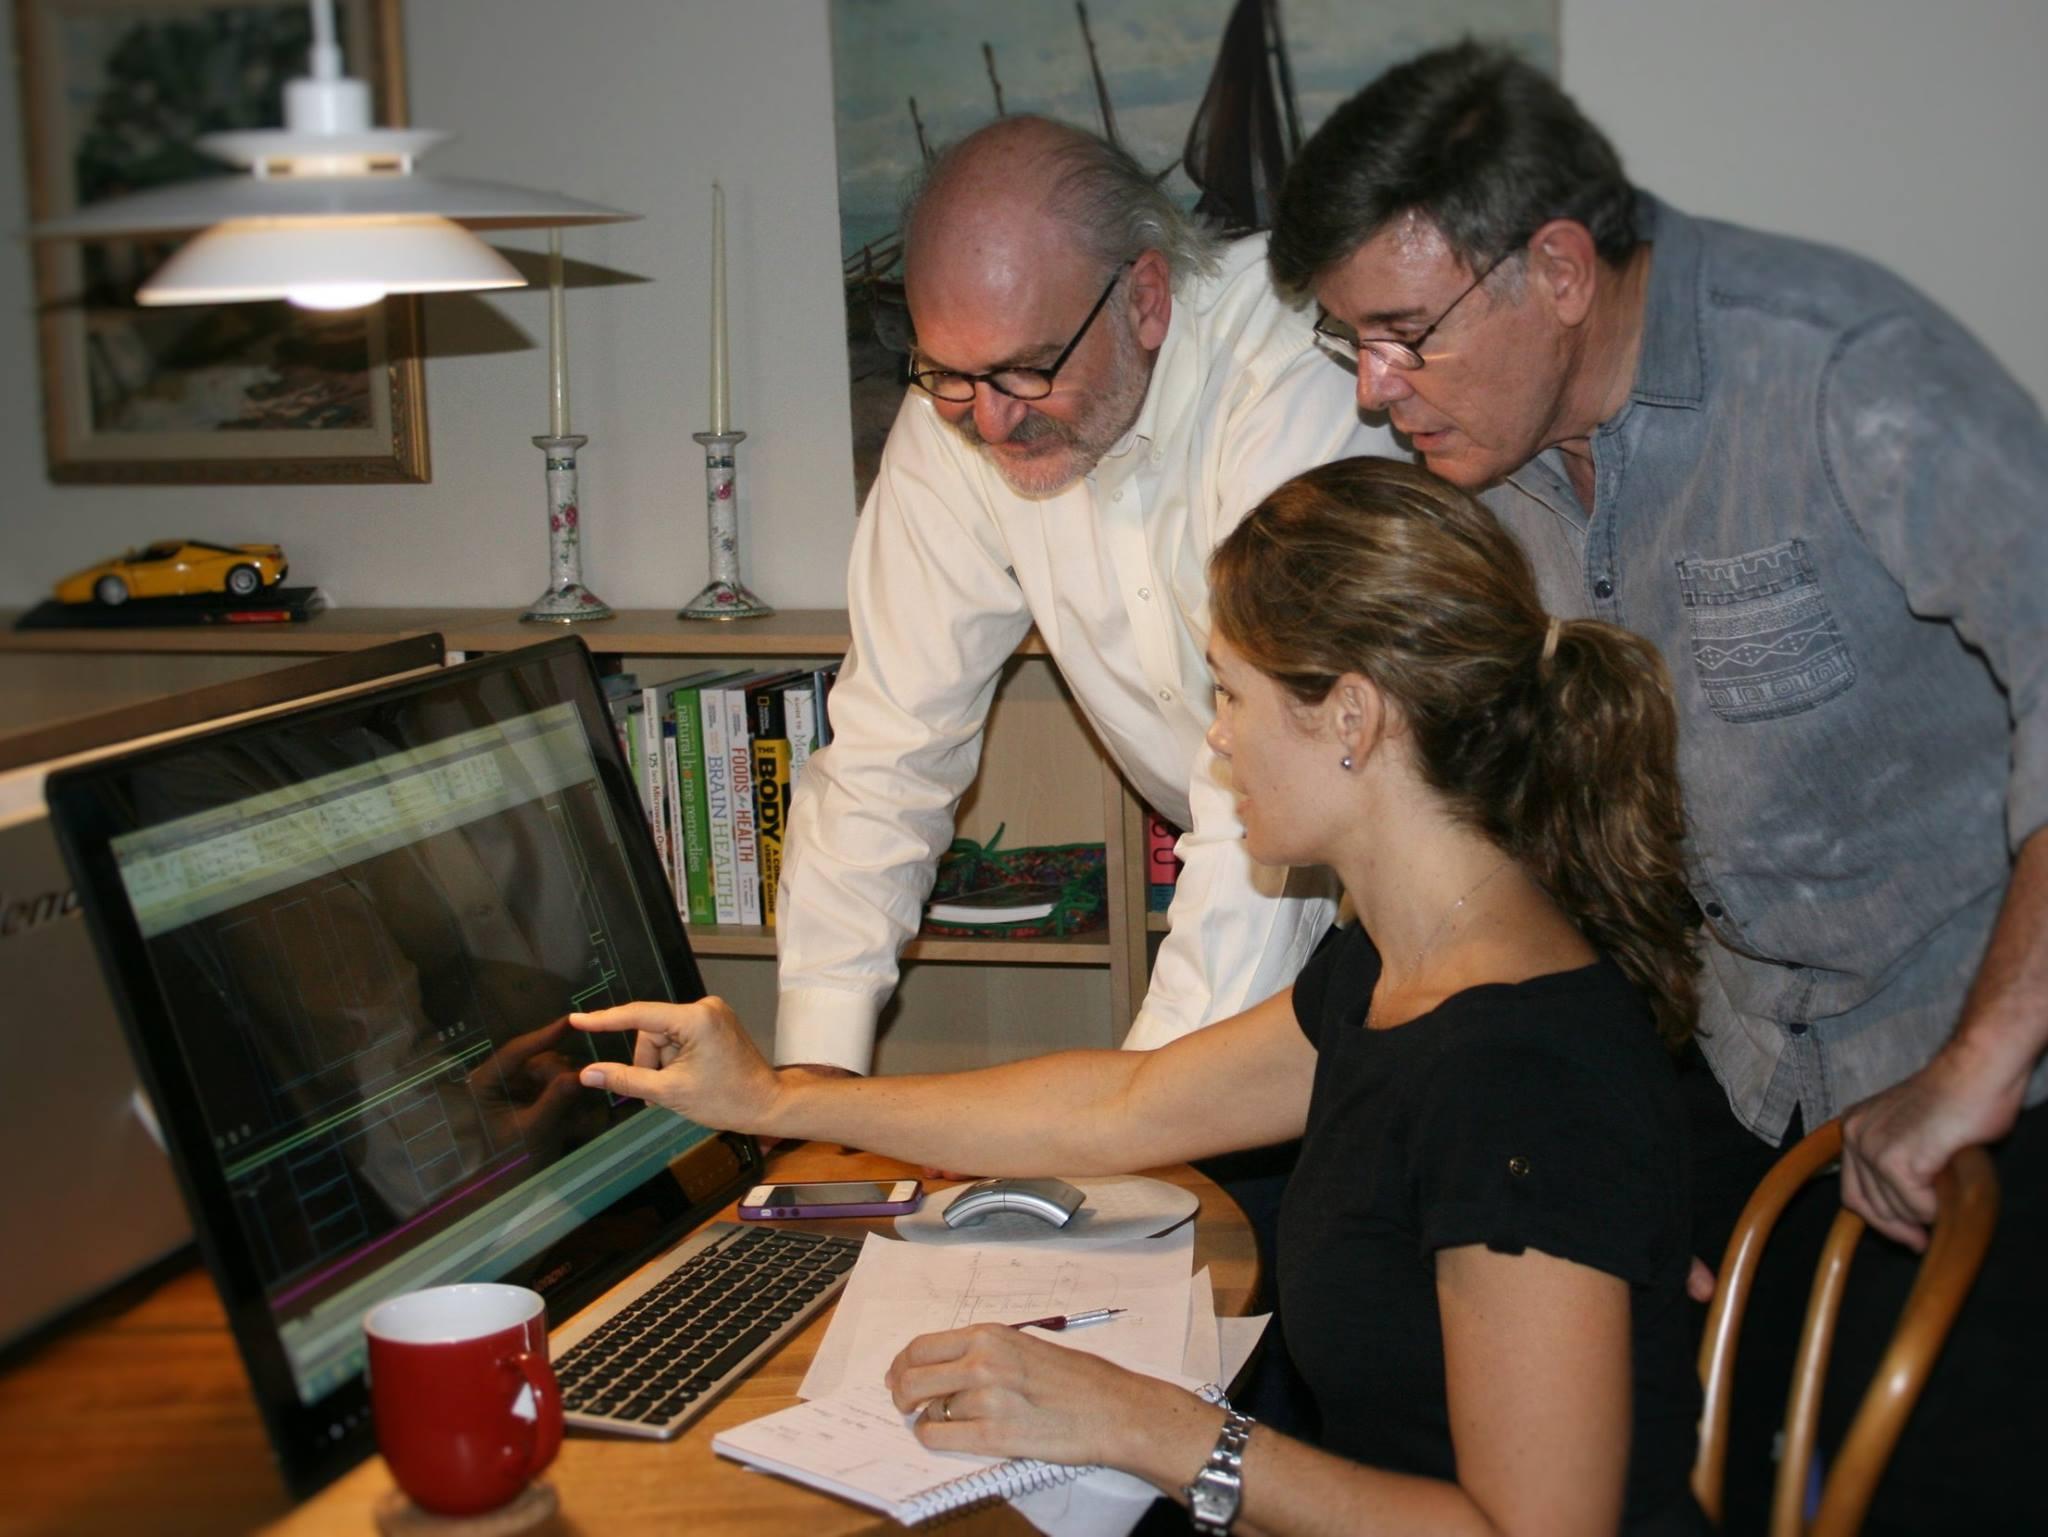 Leo Sapene, Fabian Bedne, & Yvette Phinder